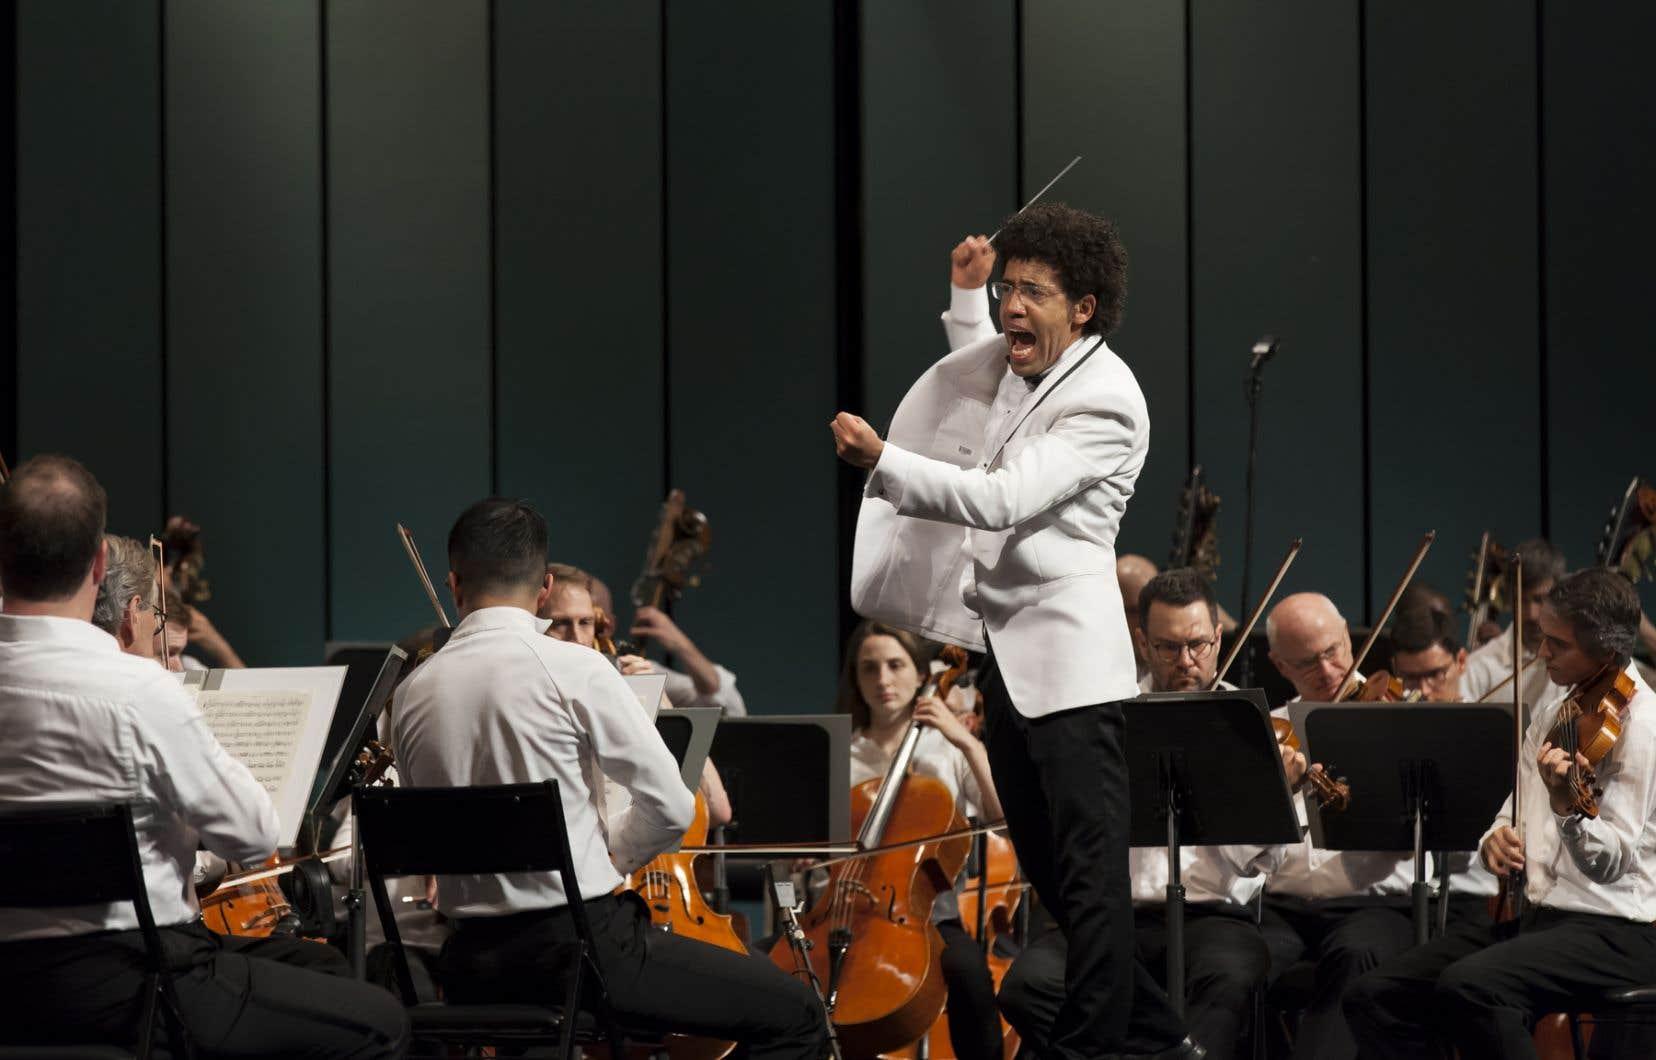 Samedi, Lanaudière rediffusera le concert donné sous la direction de Rafael Payare le 27juillet 2019.